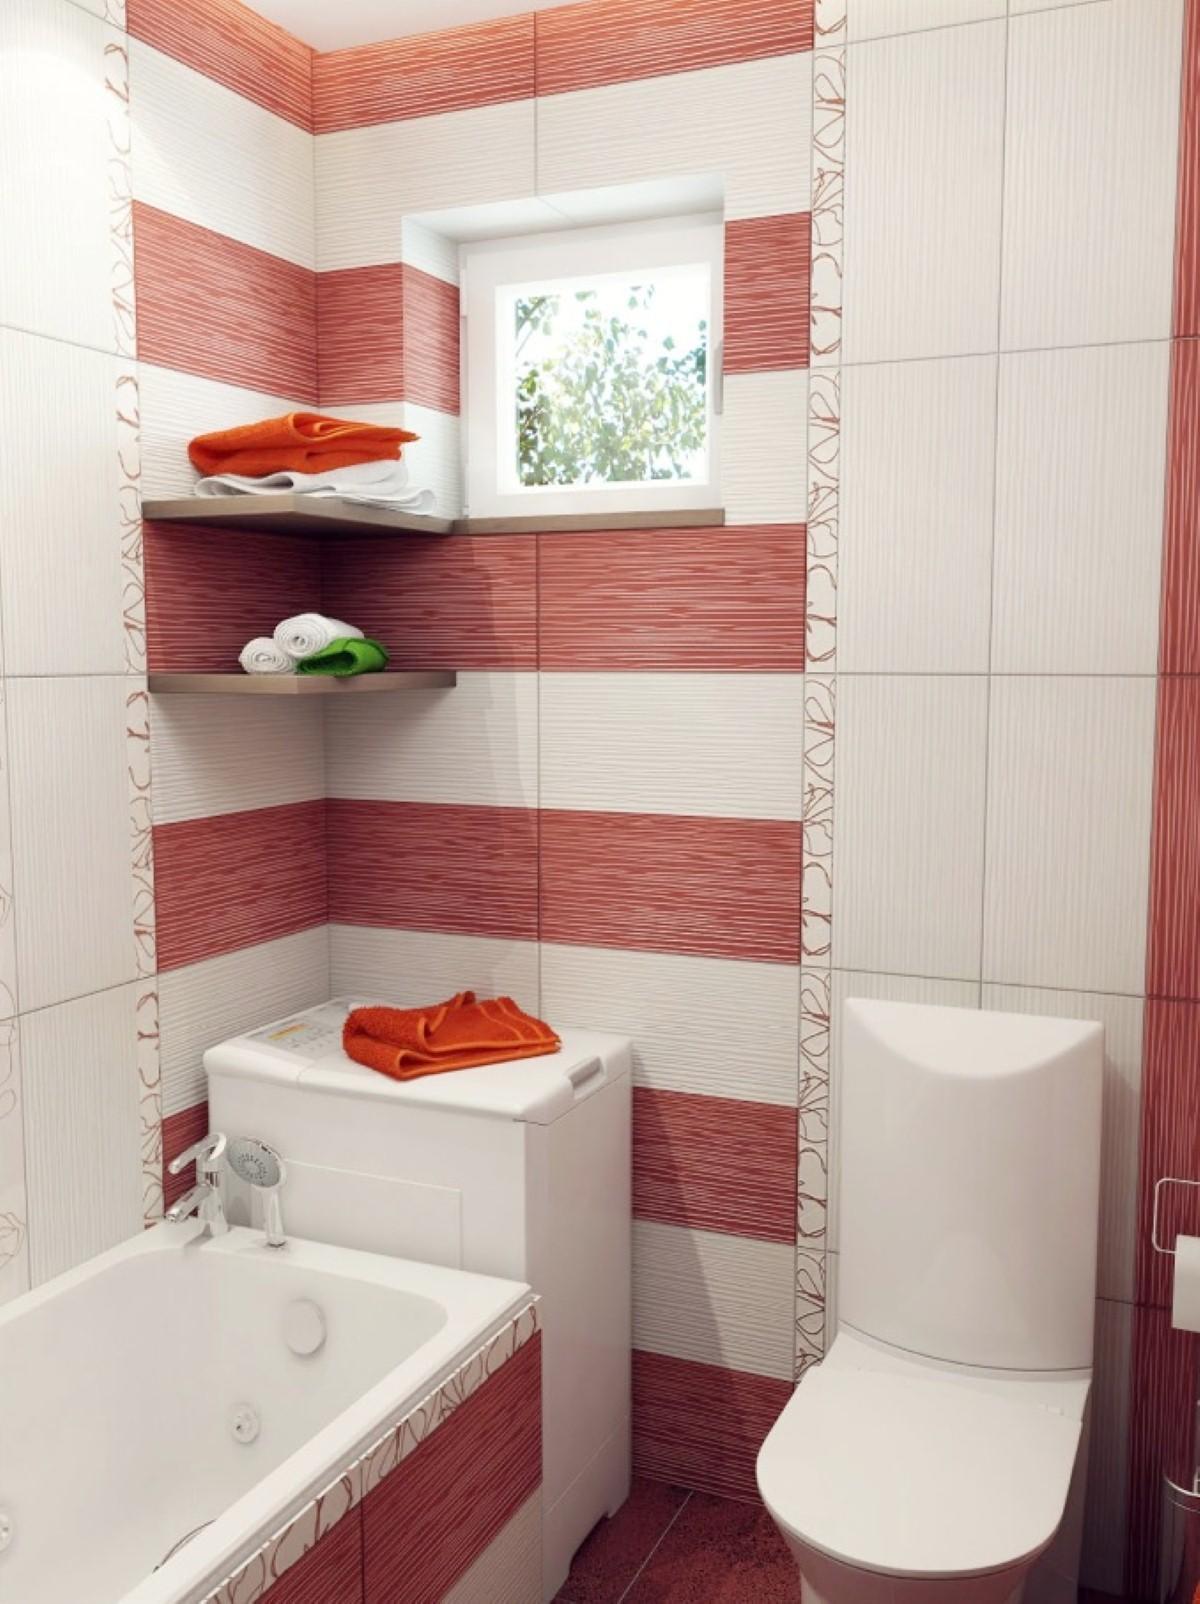 Плитка в ванную комнату дизайн 3 кв м без туалета плиткой